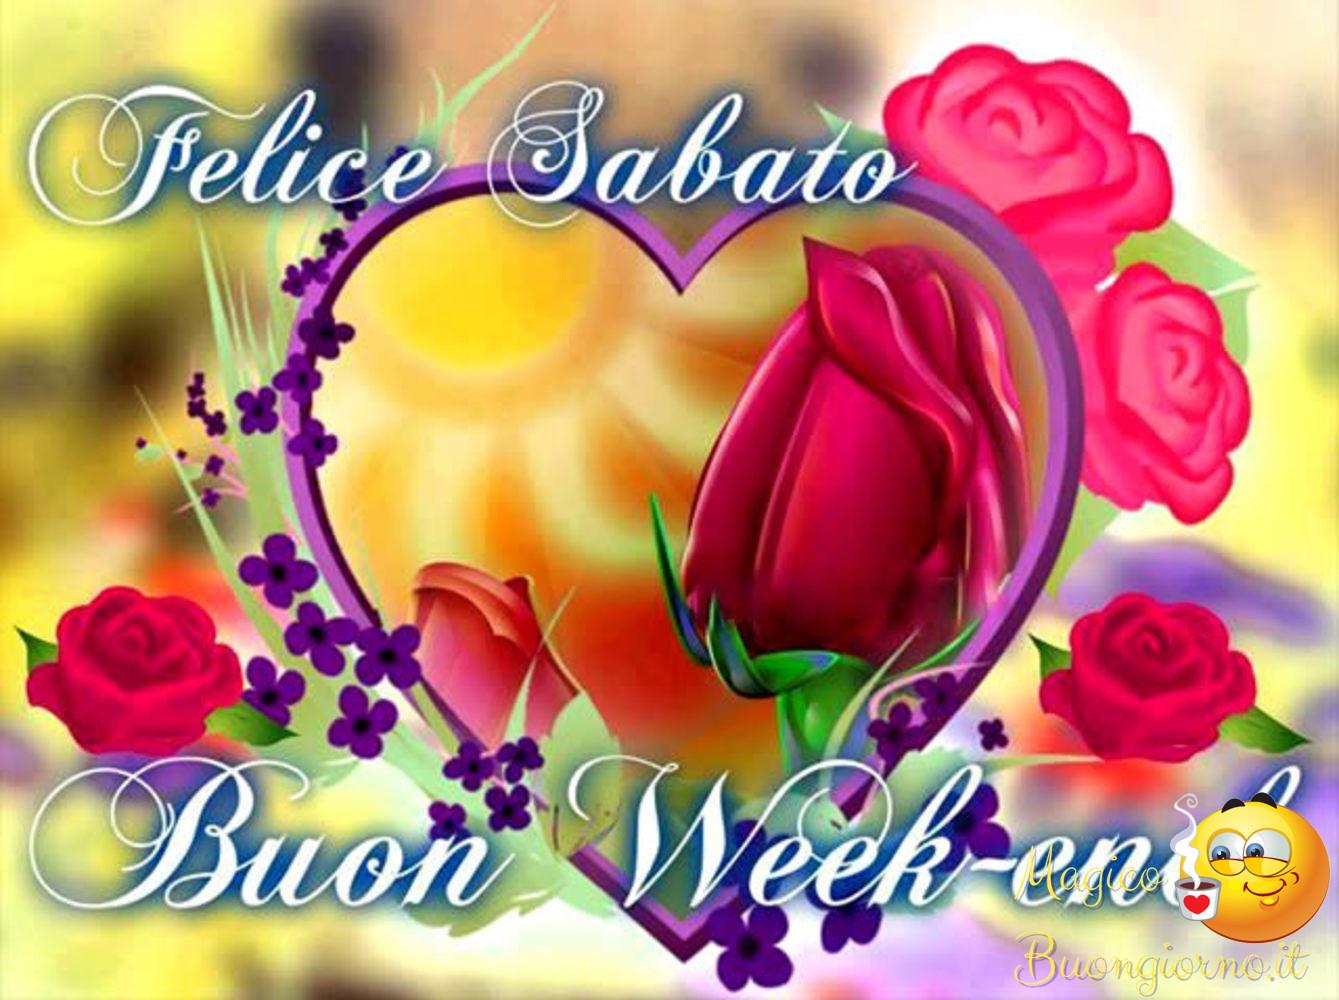 Buongiorno sabato whatsapp 2 archivi for Piani casa per il fine settimana